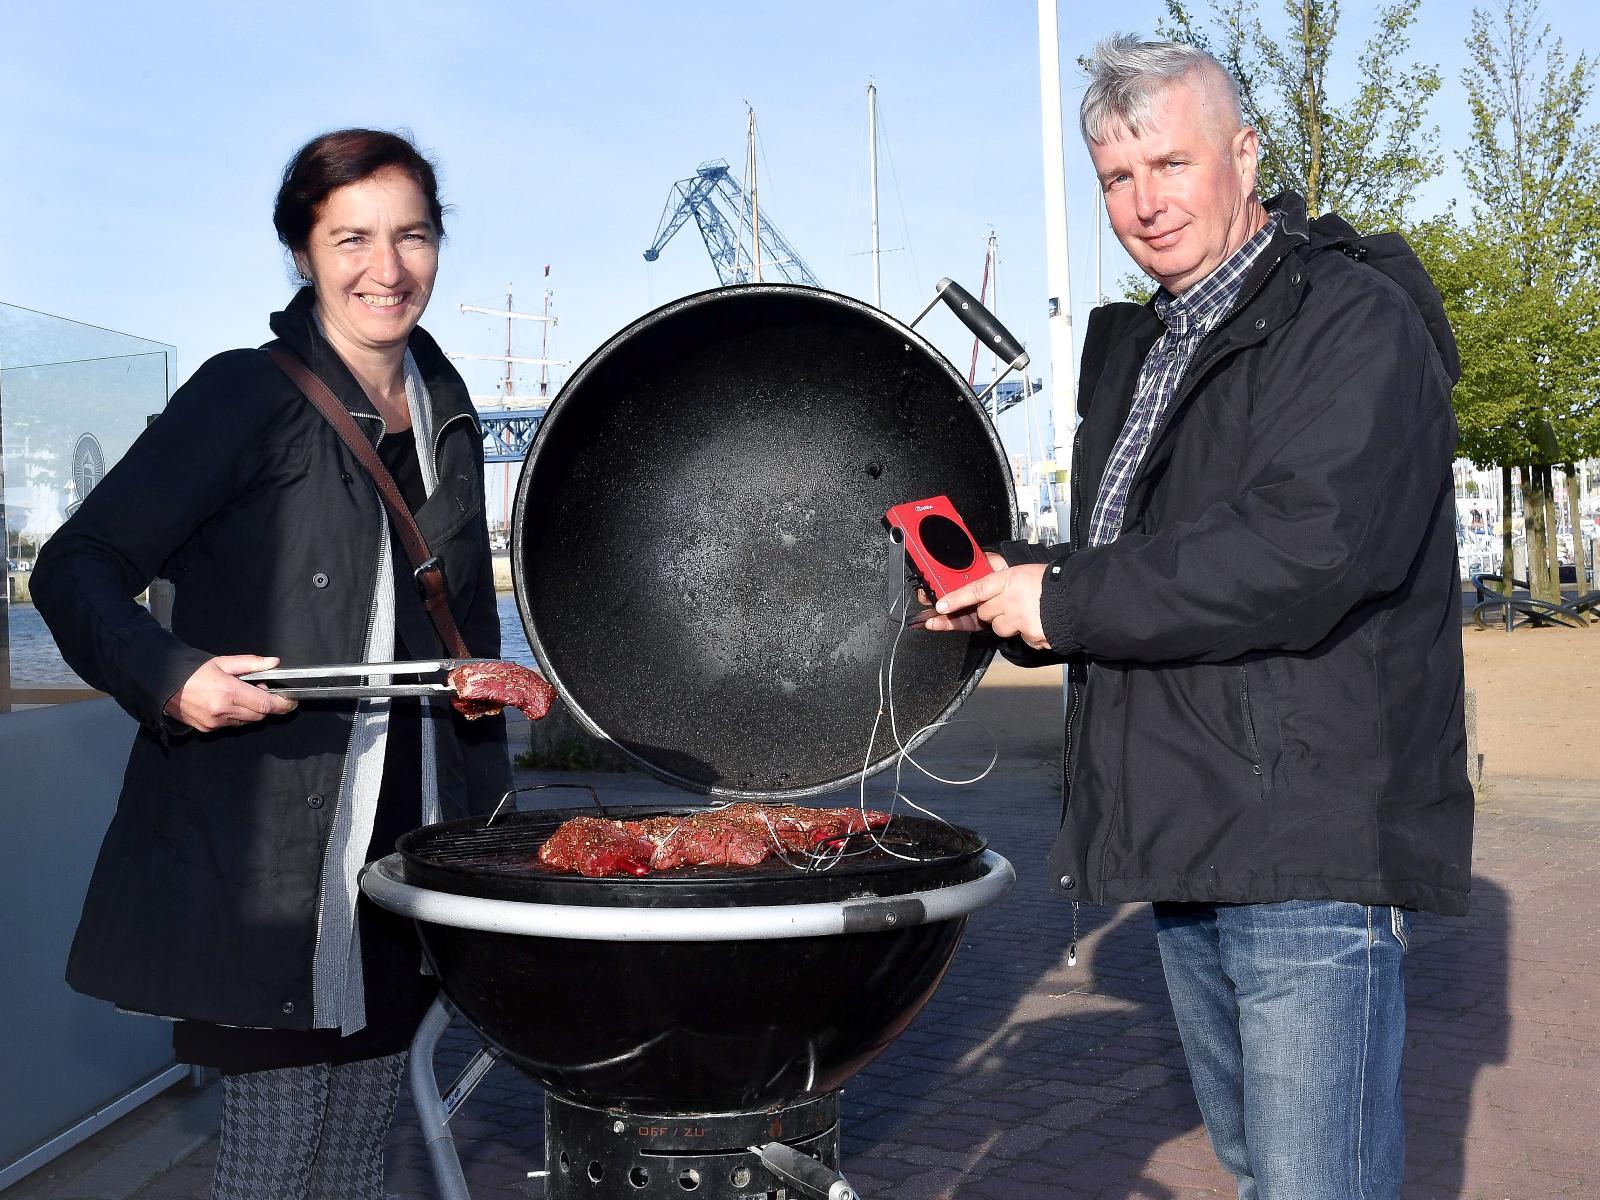 Alles, was auf den Grill kam, wurde von Thea und Wolfgang Müller auch neugierig probiert.